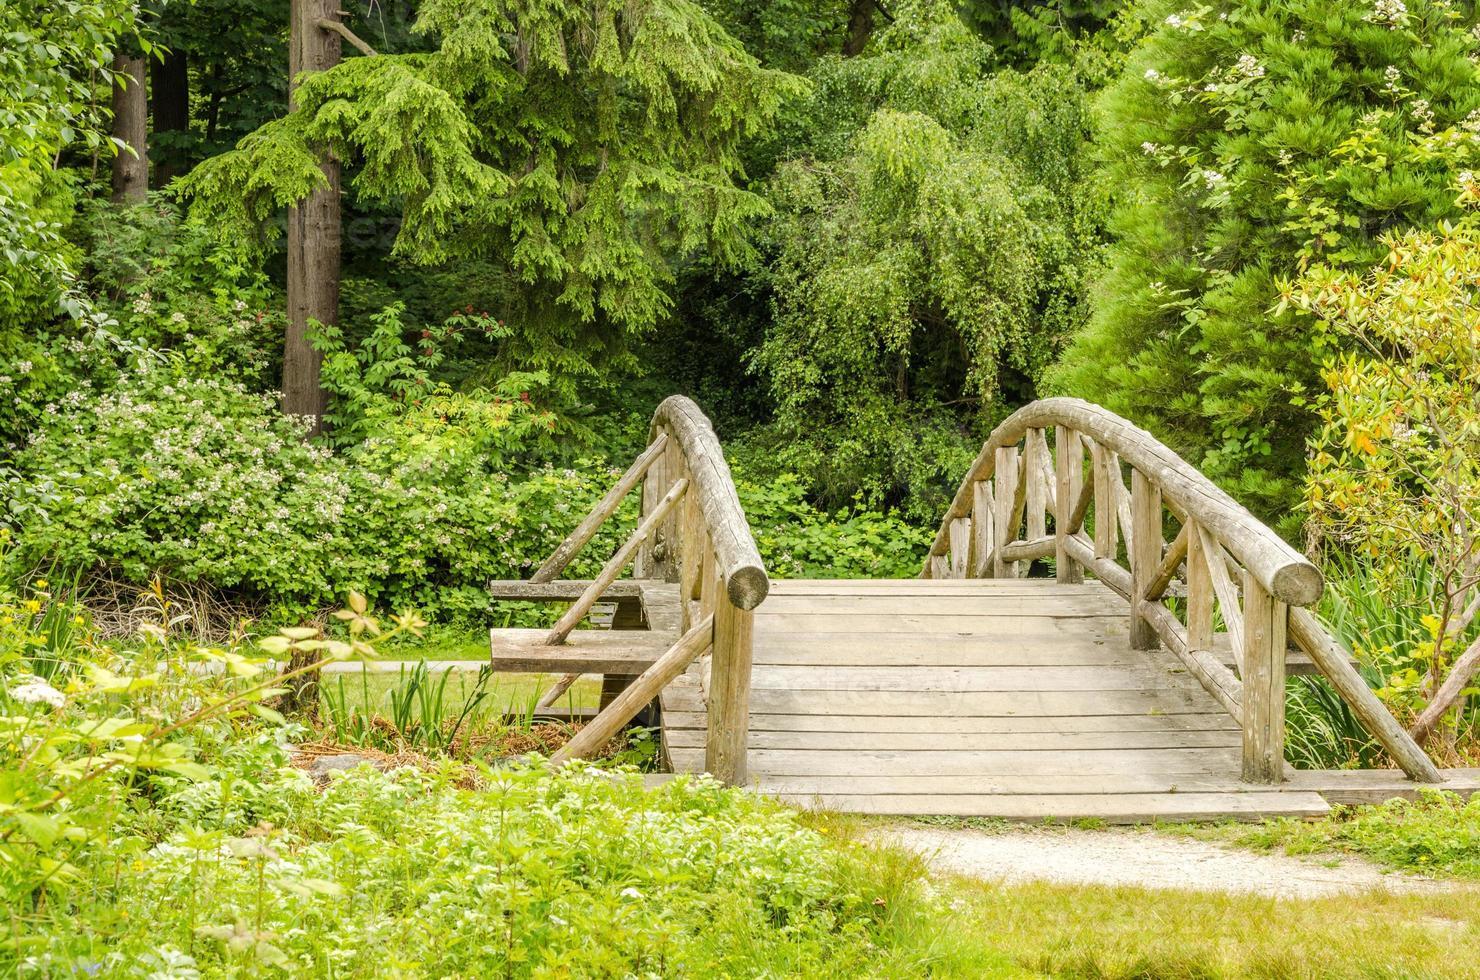 pont en bois le long d'un sentier photo